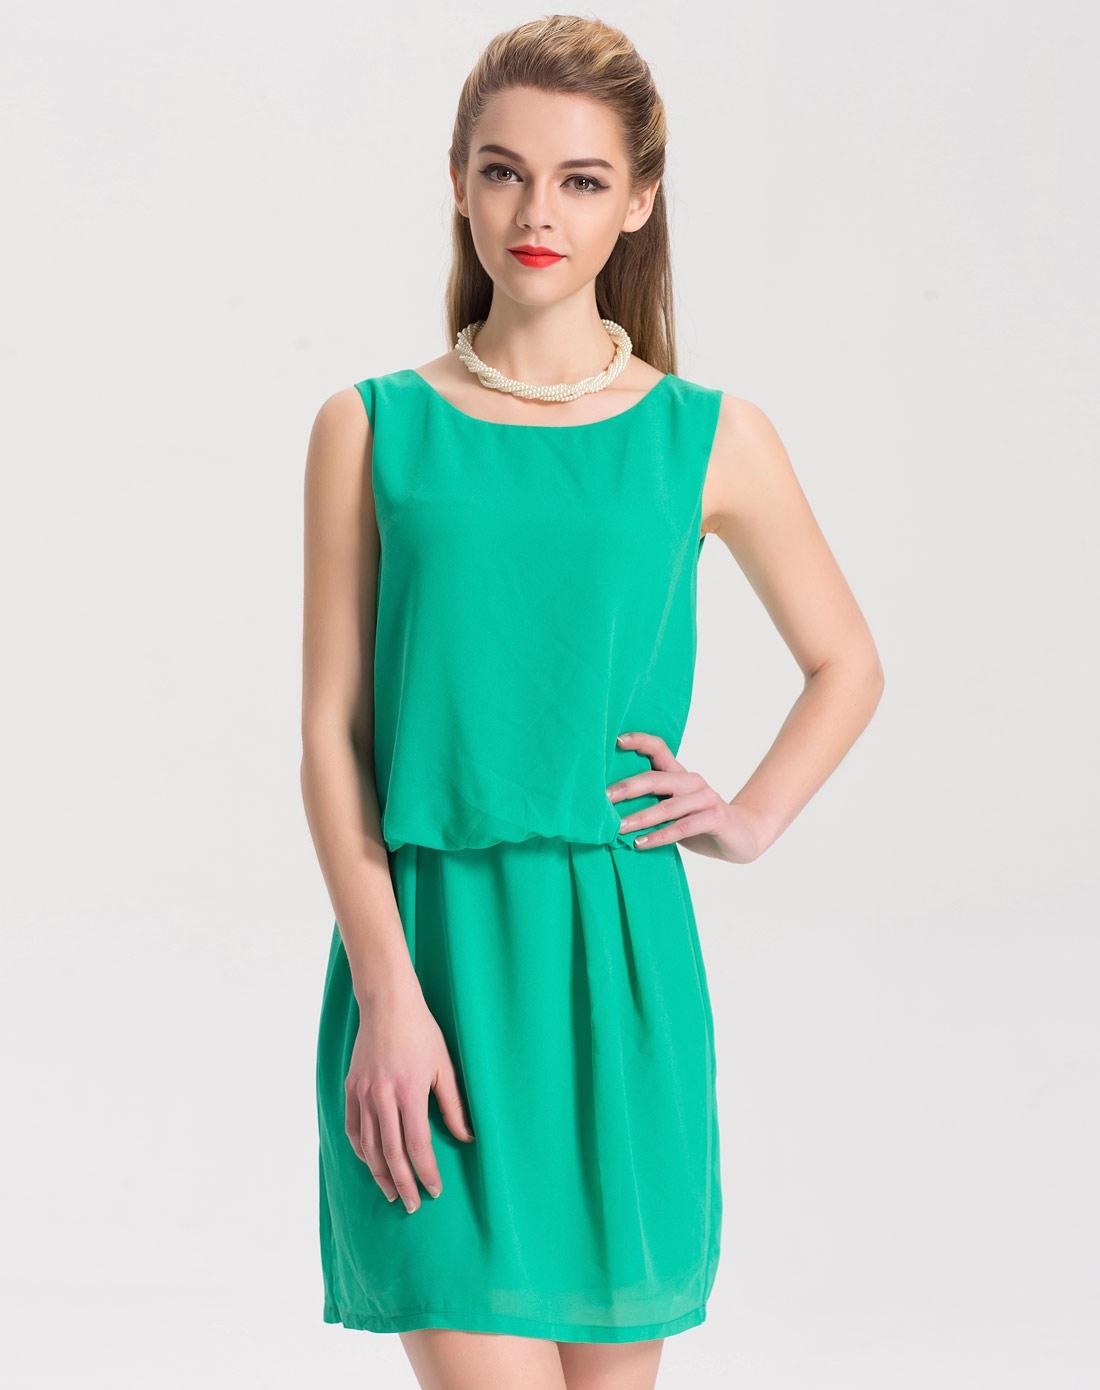 绿色欧美大牌气质雪纺连衣裙